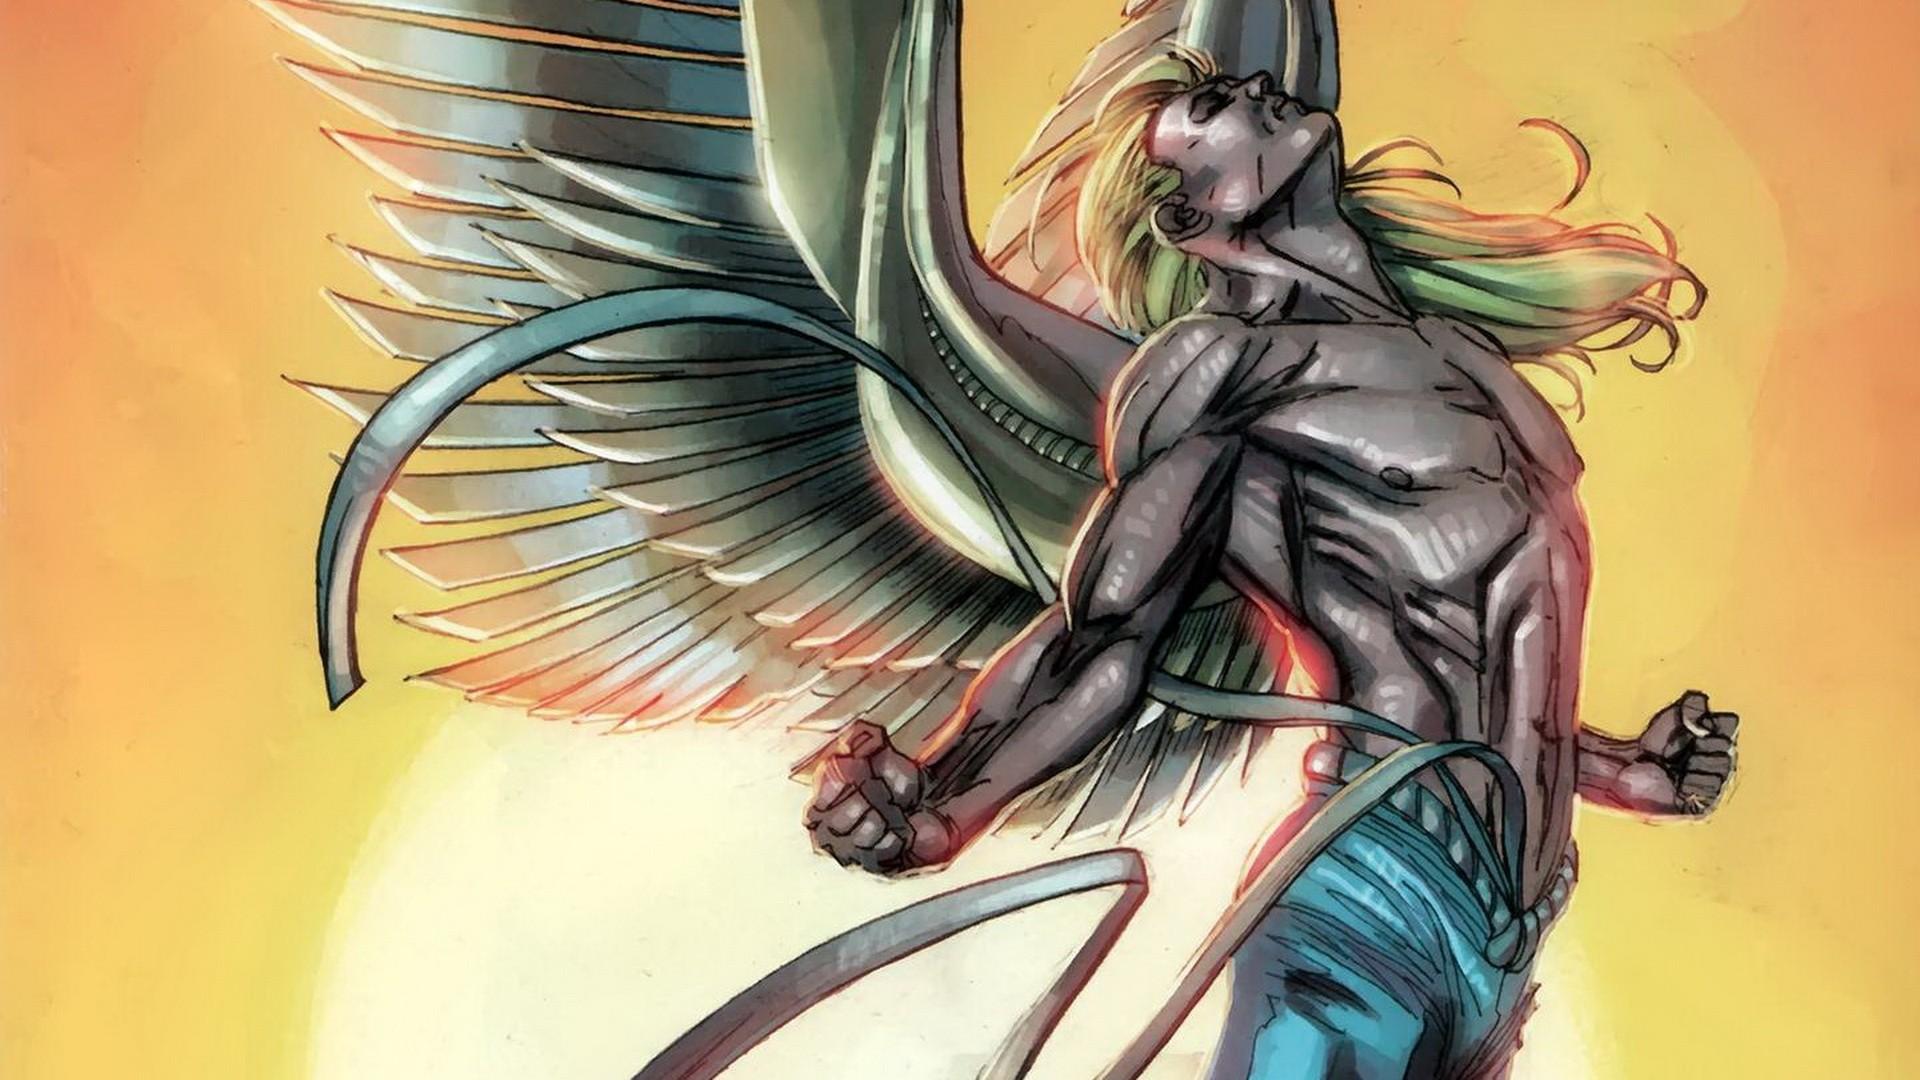 comics xmen marvel comics archangel angel comics